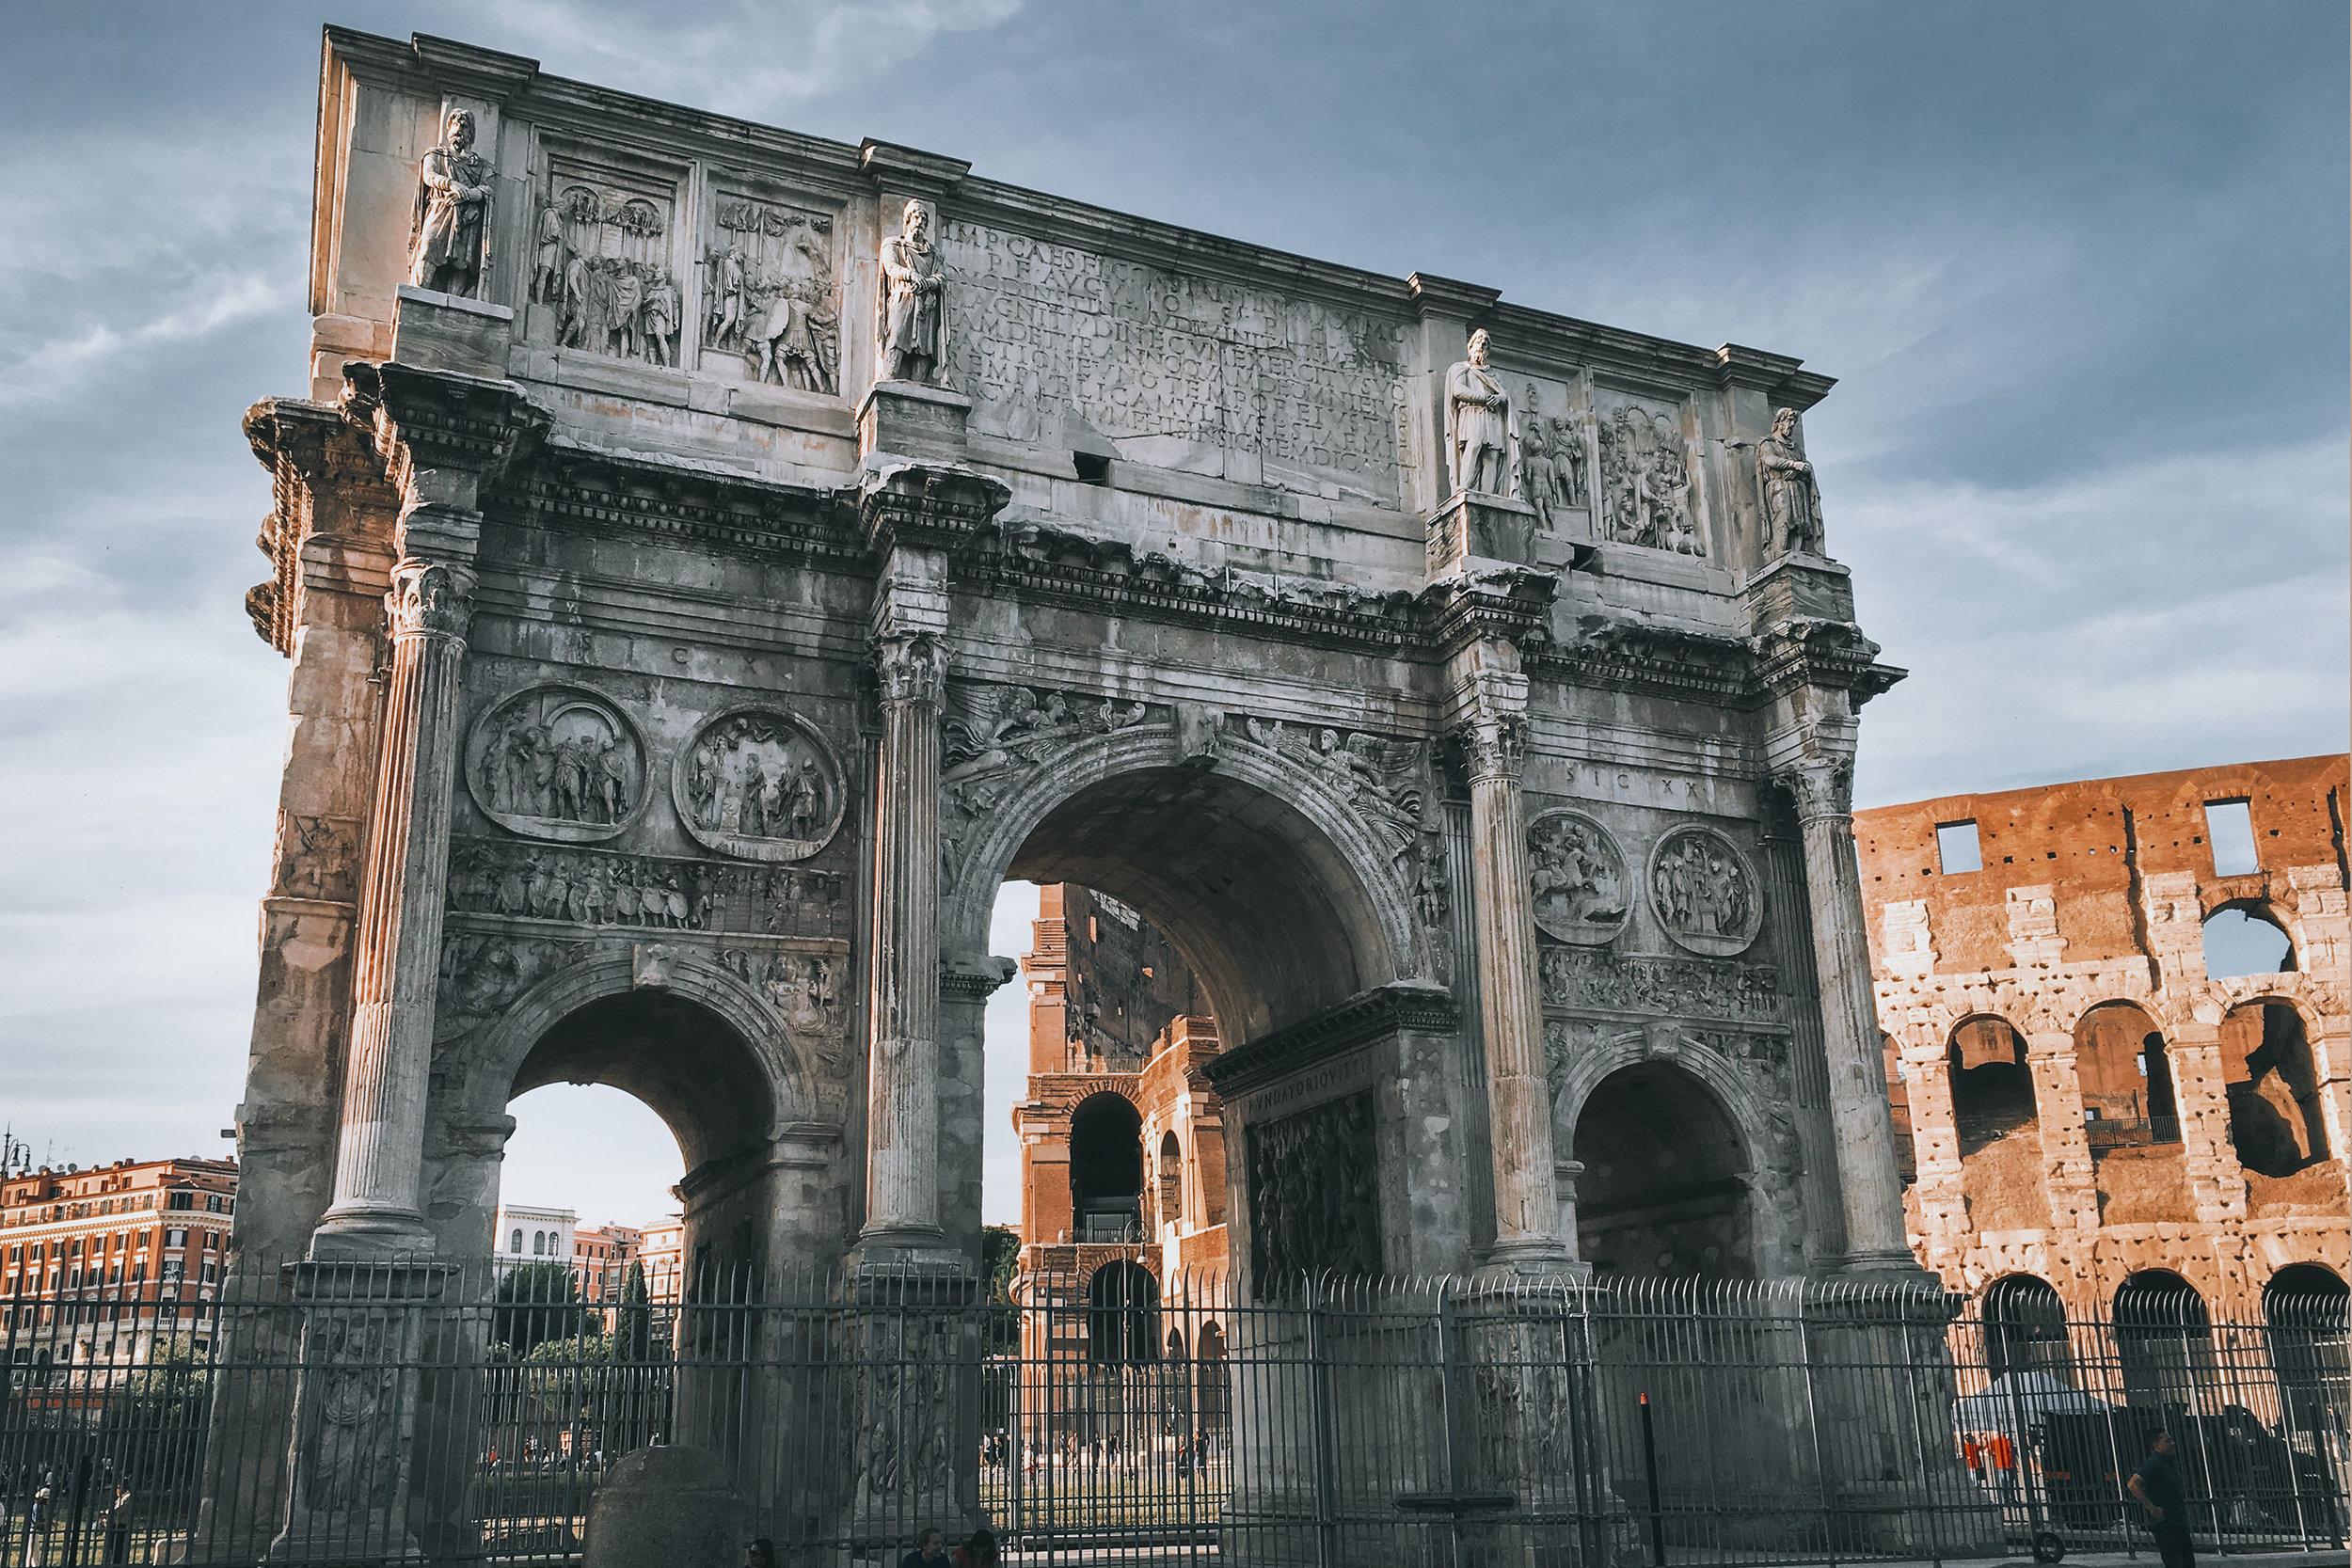 Rome_05272016_006 copy.jpg